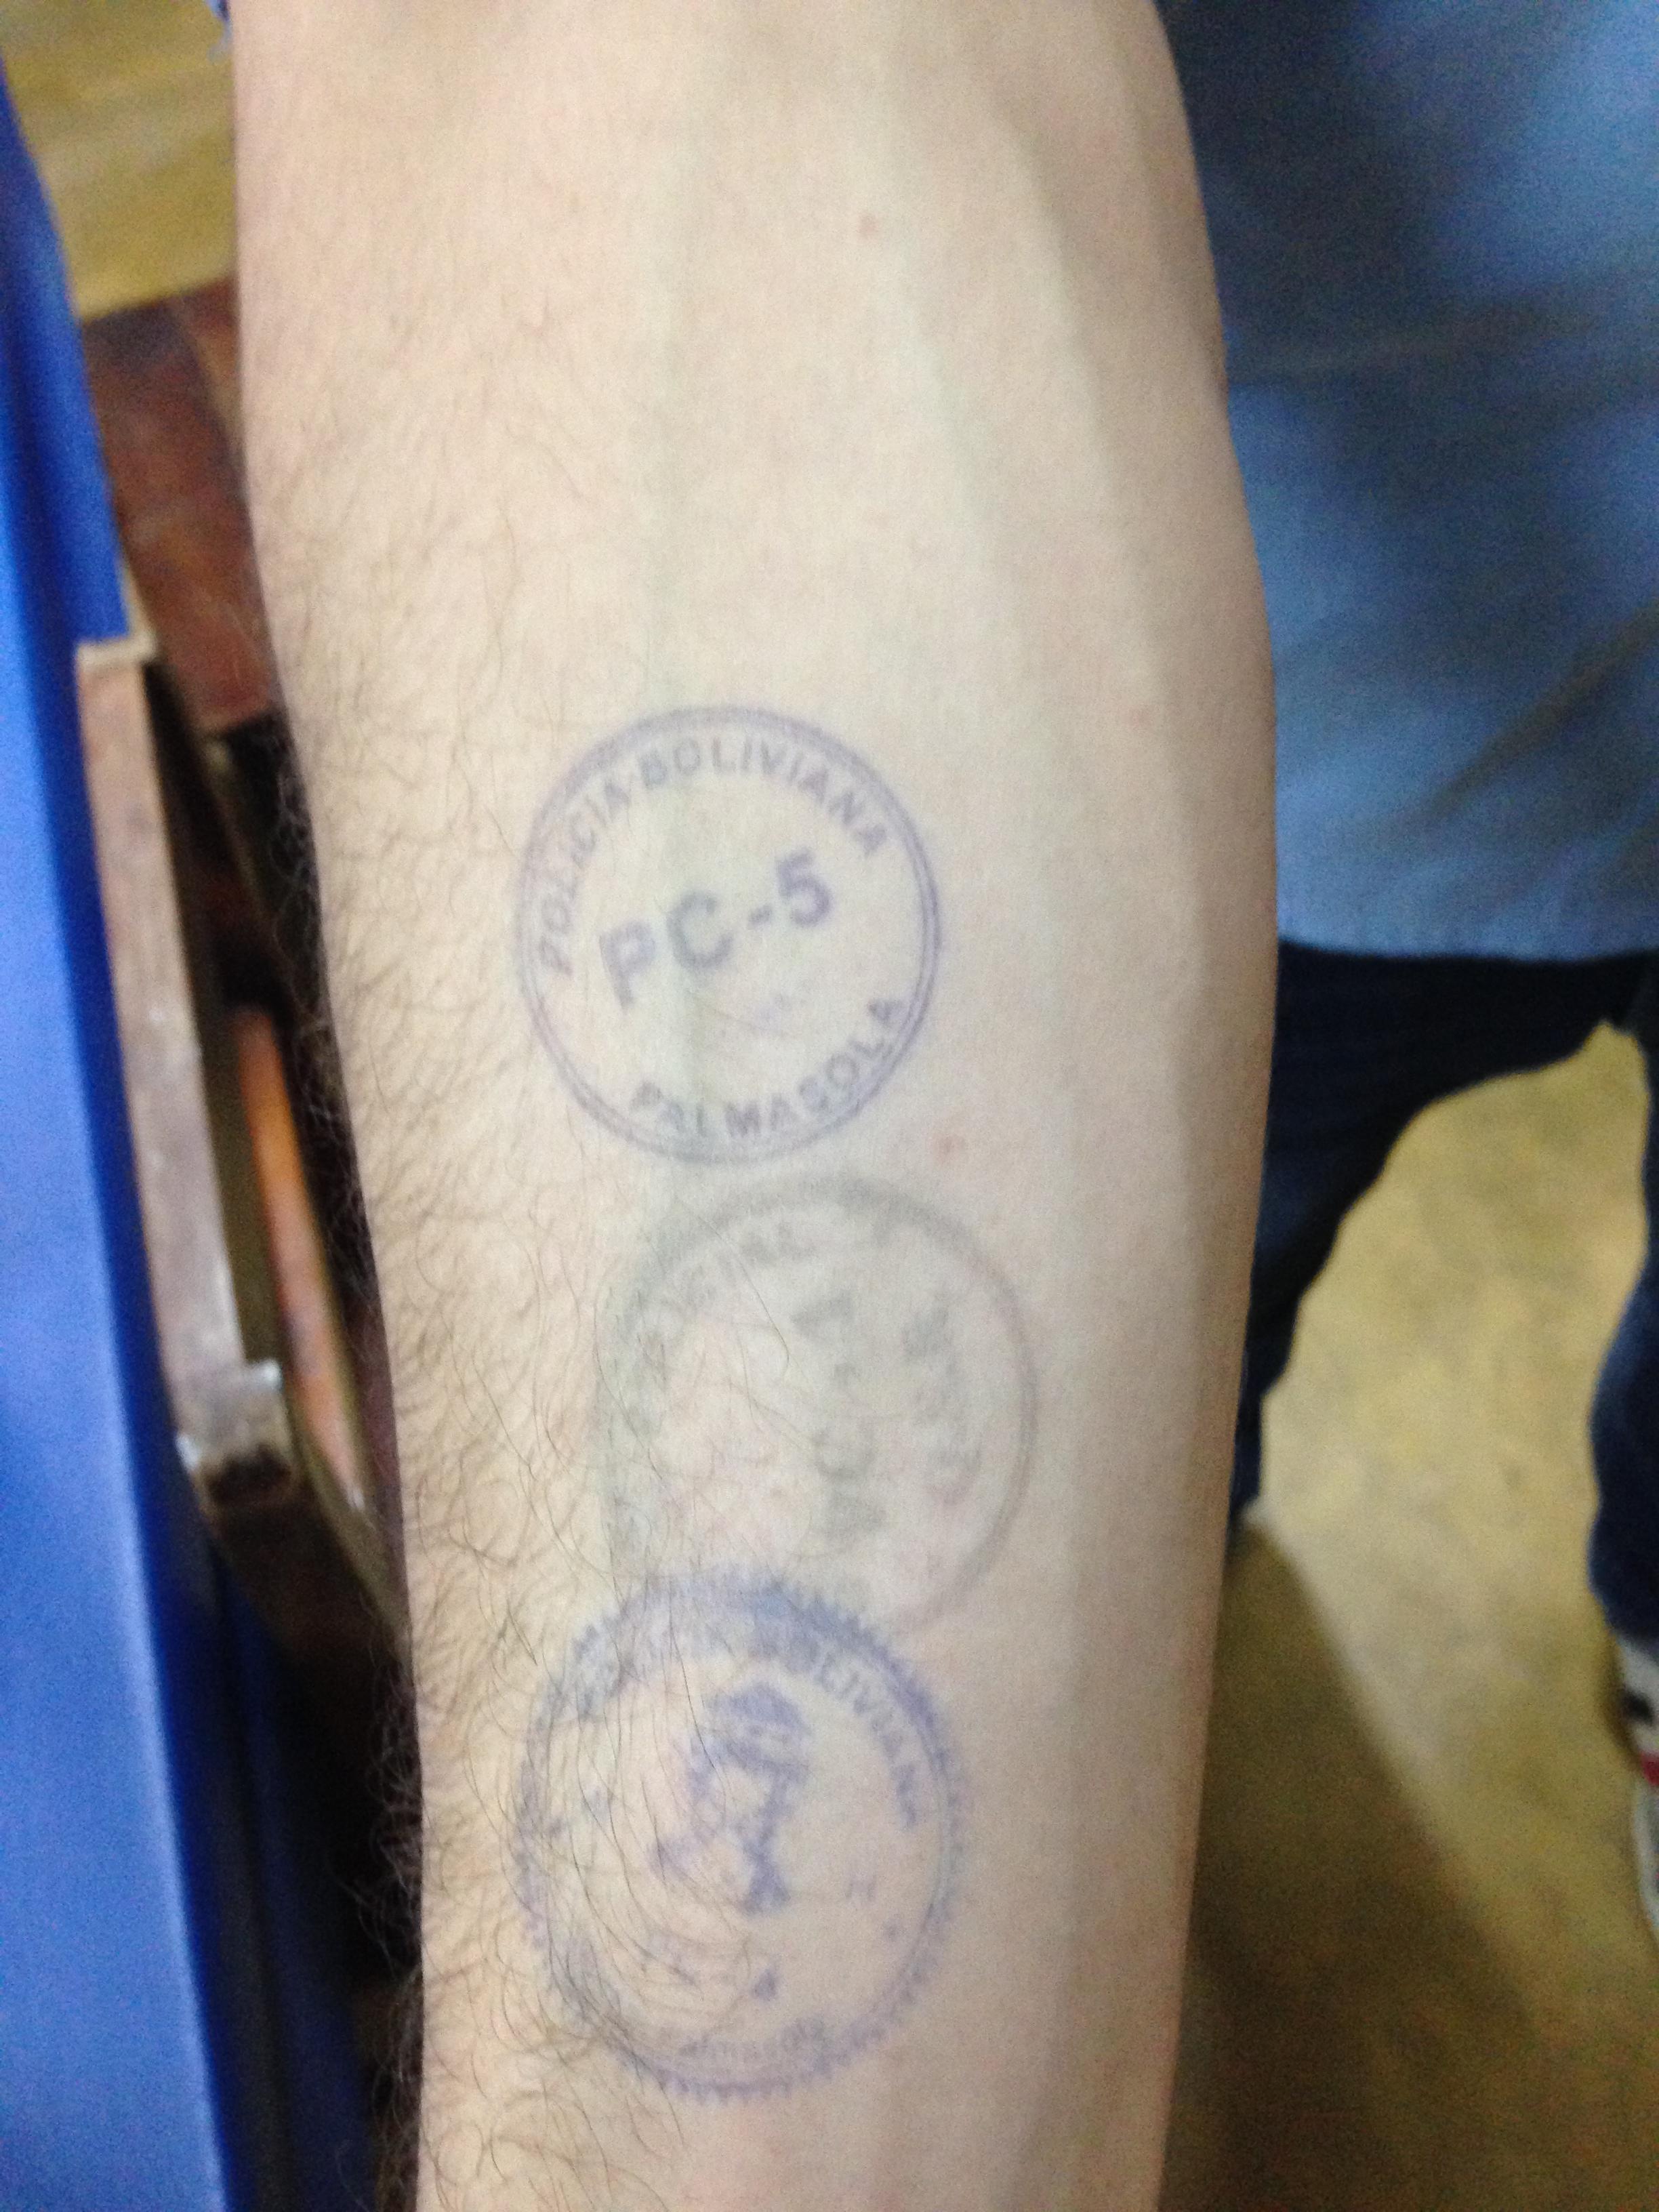 Estos eran los 3 sellos que llevaba en mi brazo